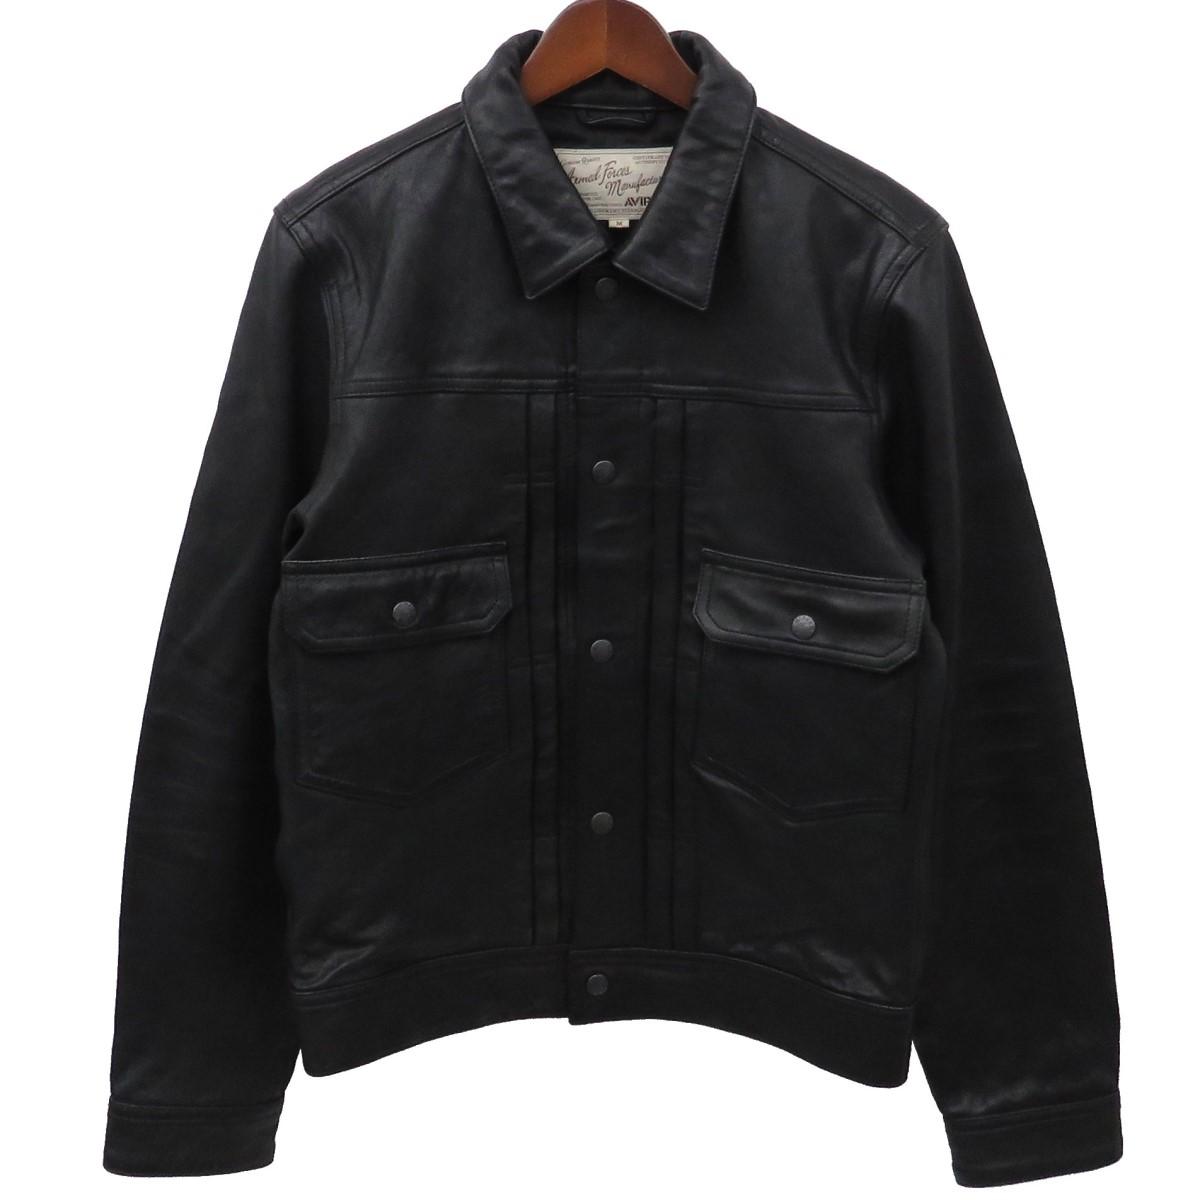 【中古】AVIREX OLD TIMES LEATHER WORK JACKETレザートラッカージャケット 6191055 ブラック サイズ:M 【040320】(アビレックス)